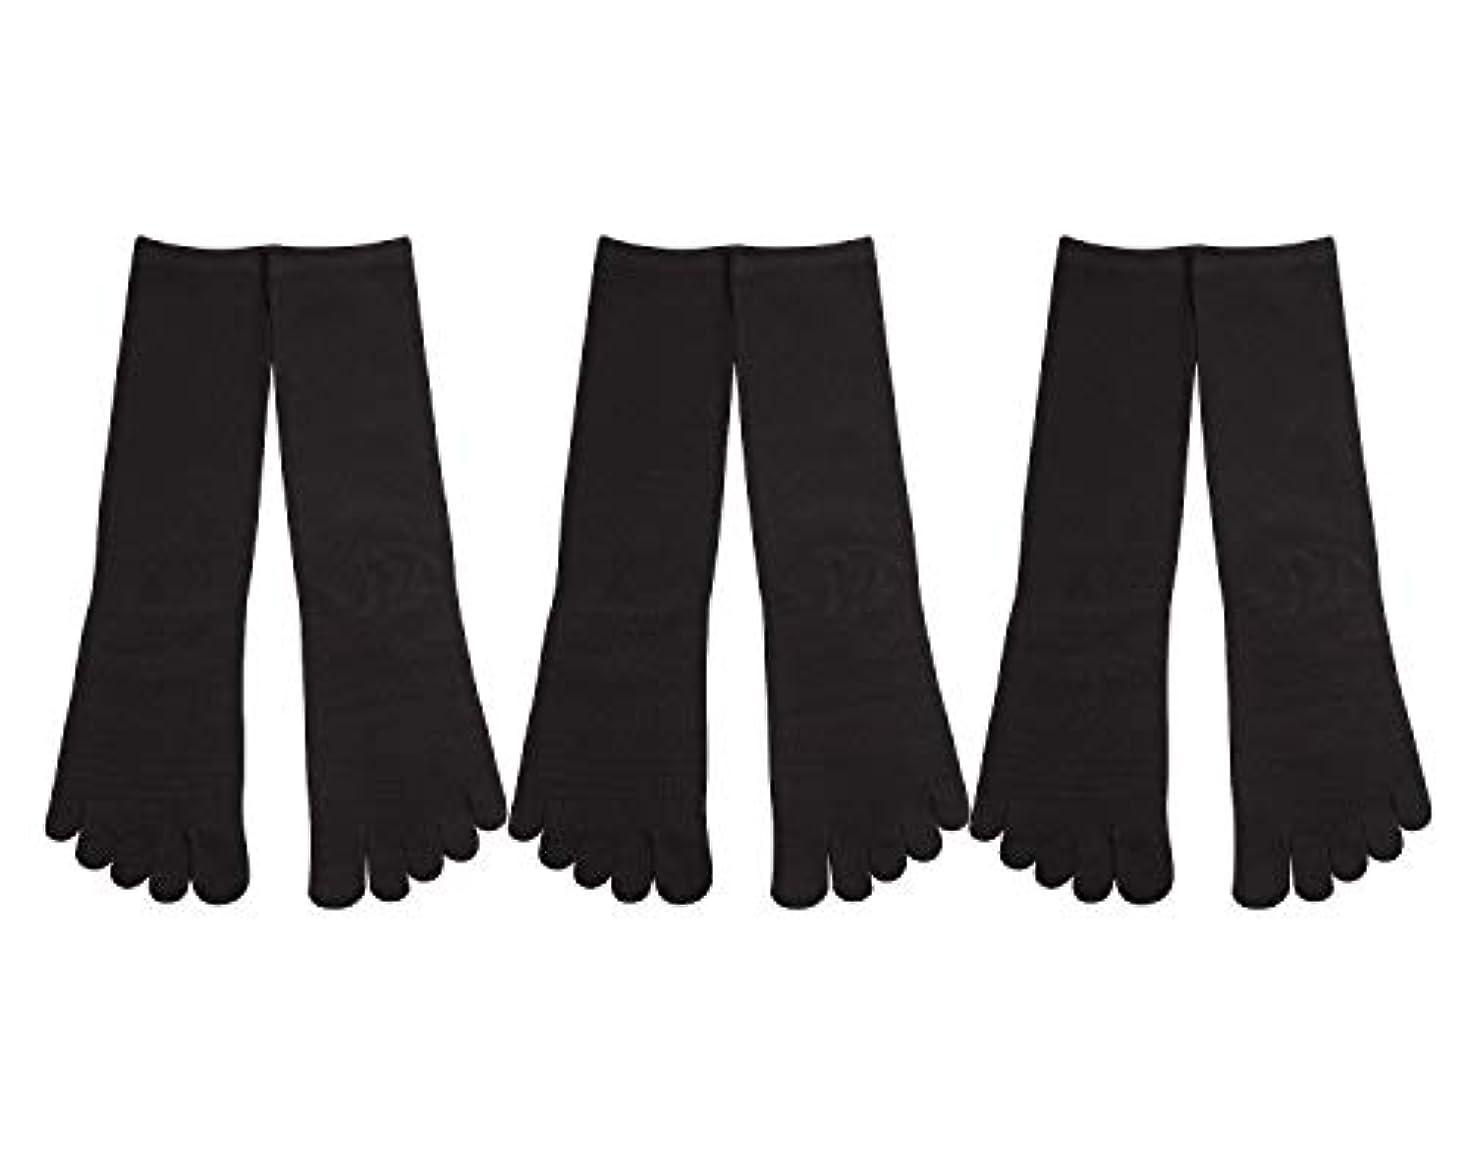 一部締め切り膨張するDeol(デオル) 5本指 靴下 男性用 黒 3足セット 25cm-27cm メンズ [足のニオイ対策] 長時間消臭 日本製 靴下